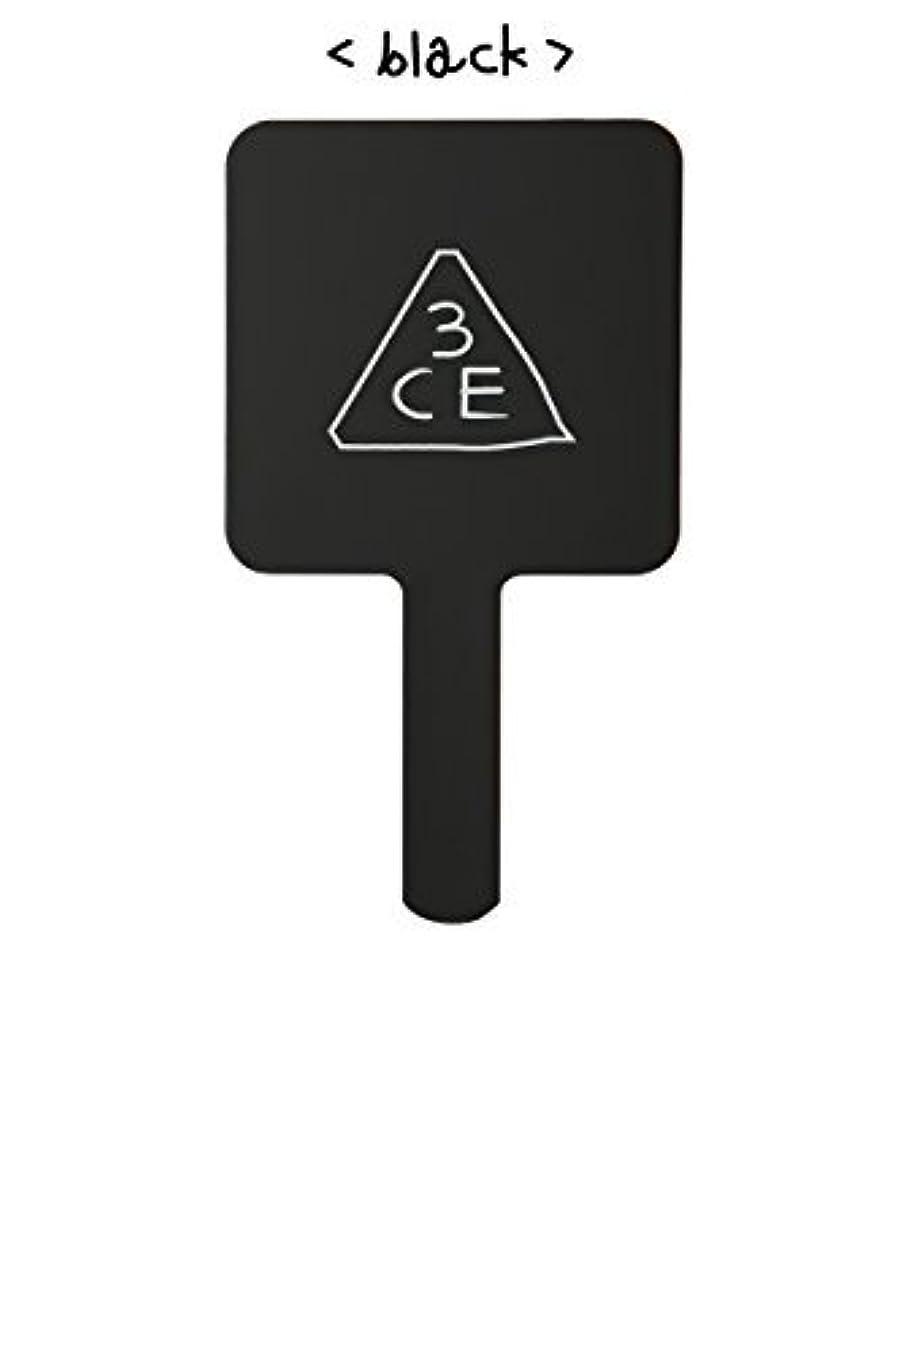 アラブサラボモッキンバード観点スリーコンセプトアイズ 3CE ミニ ハンド ミラー #BLACK